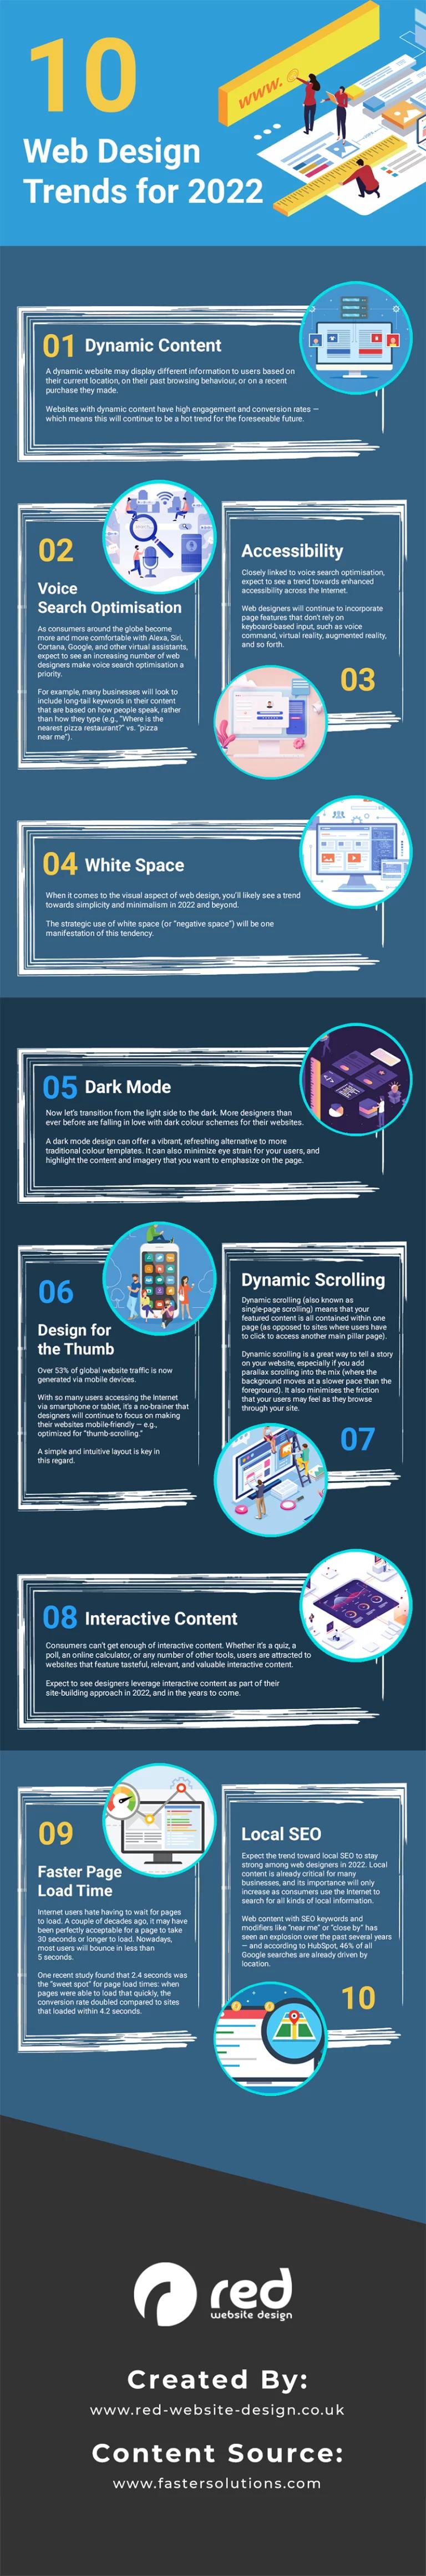 Web Design predictions for 2022